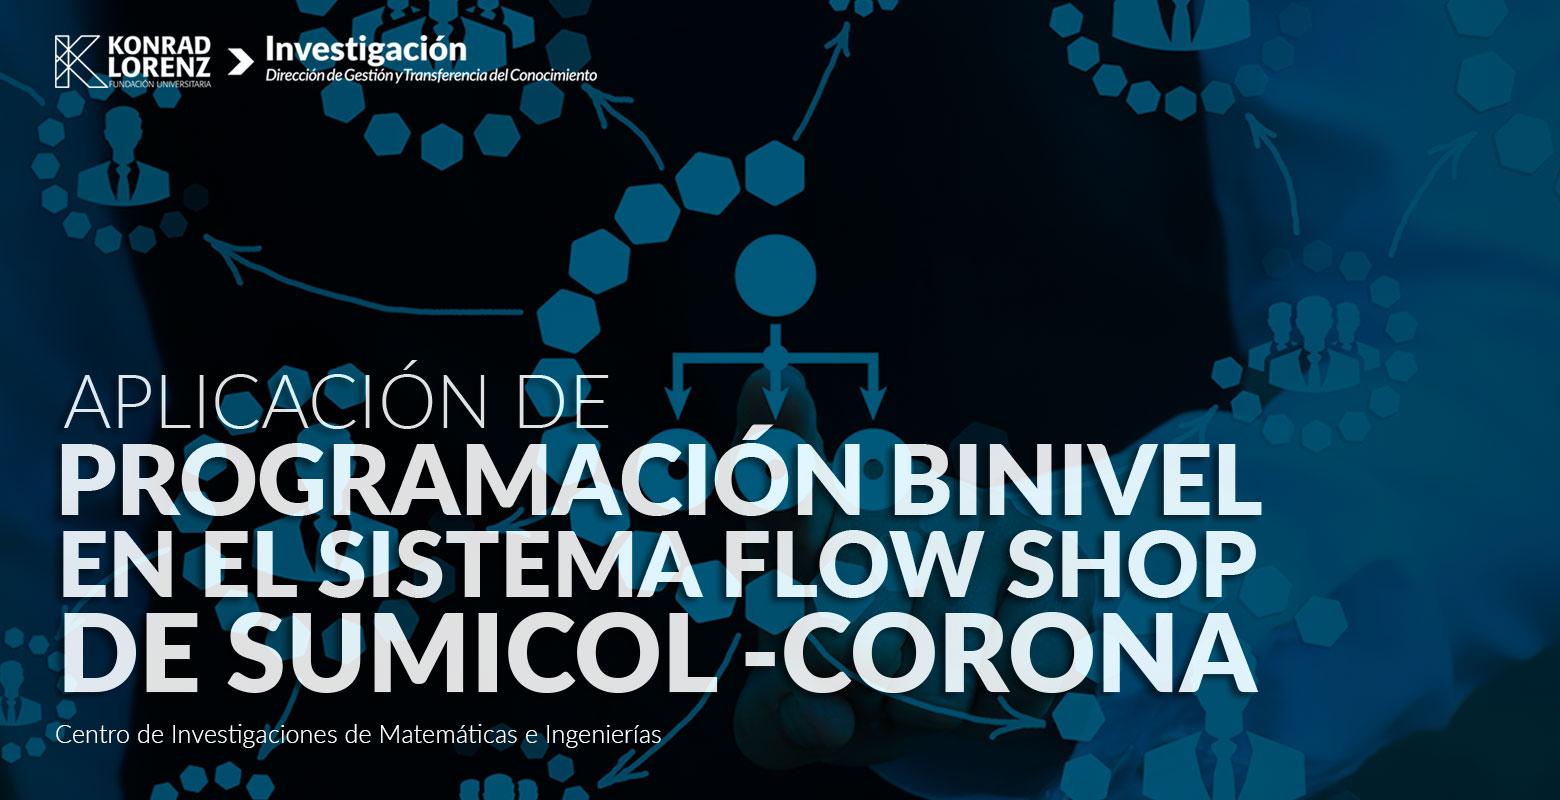 Aplicación de programación binivel en el sistema Flow Shop de SUMICOL – CORONA.